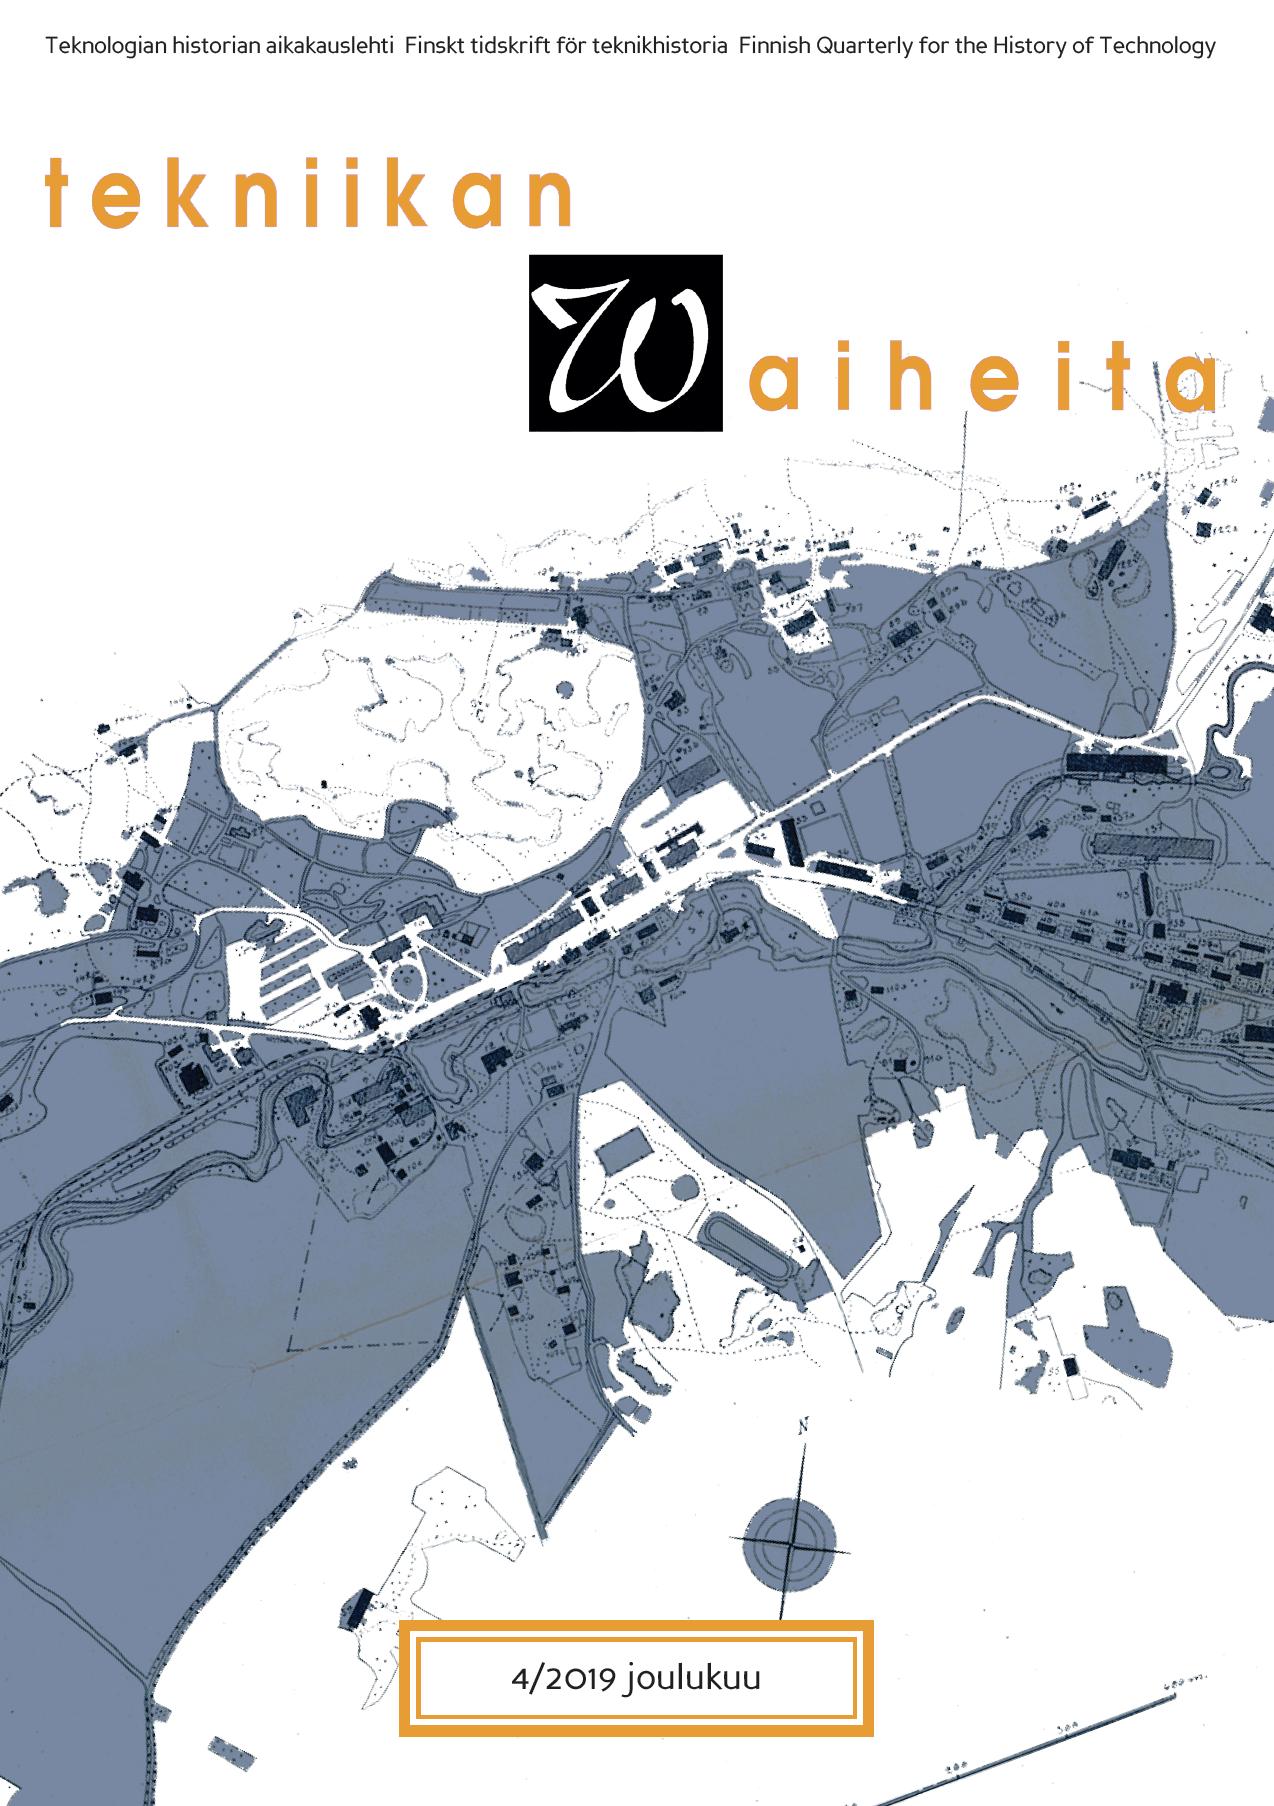 Tekniikan Waiheita vol. 37 no. 4 (2019)